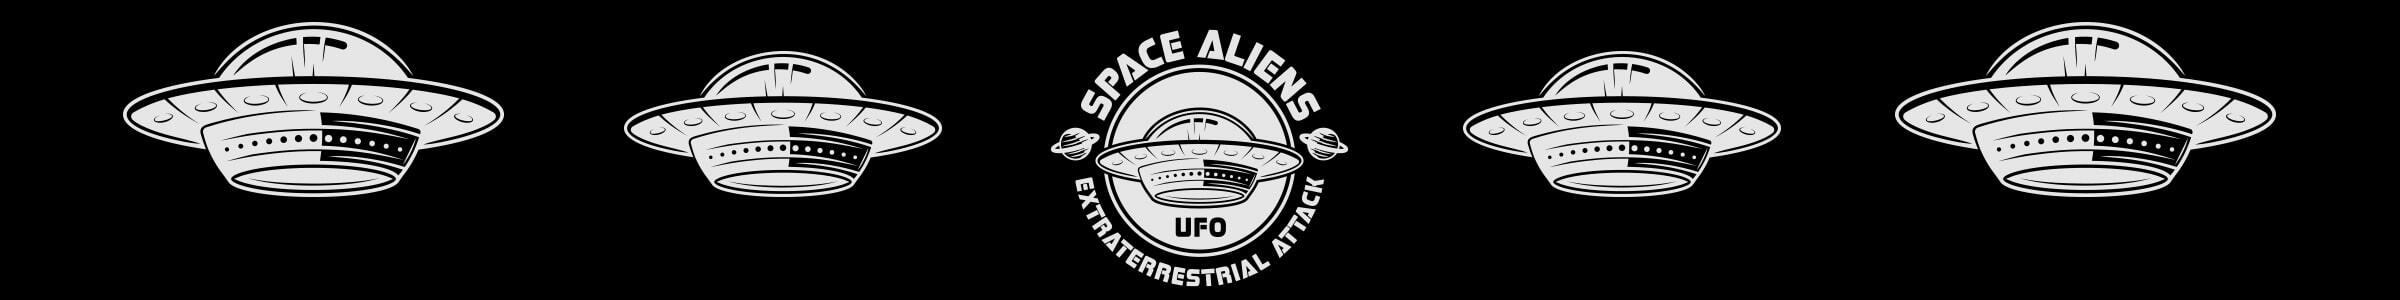 Alien_2400x300